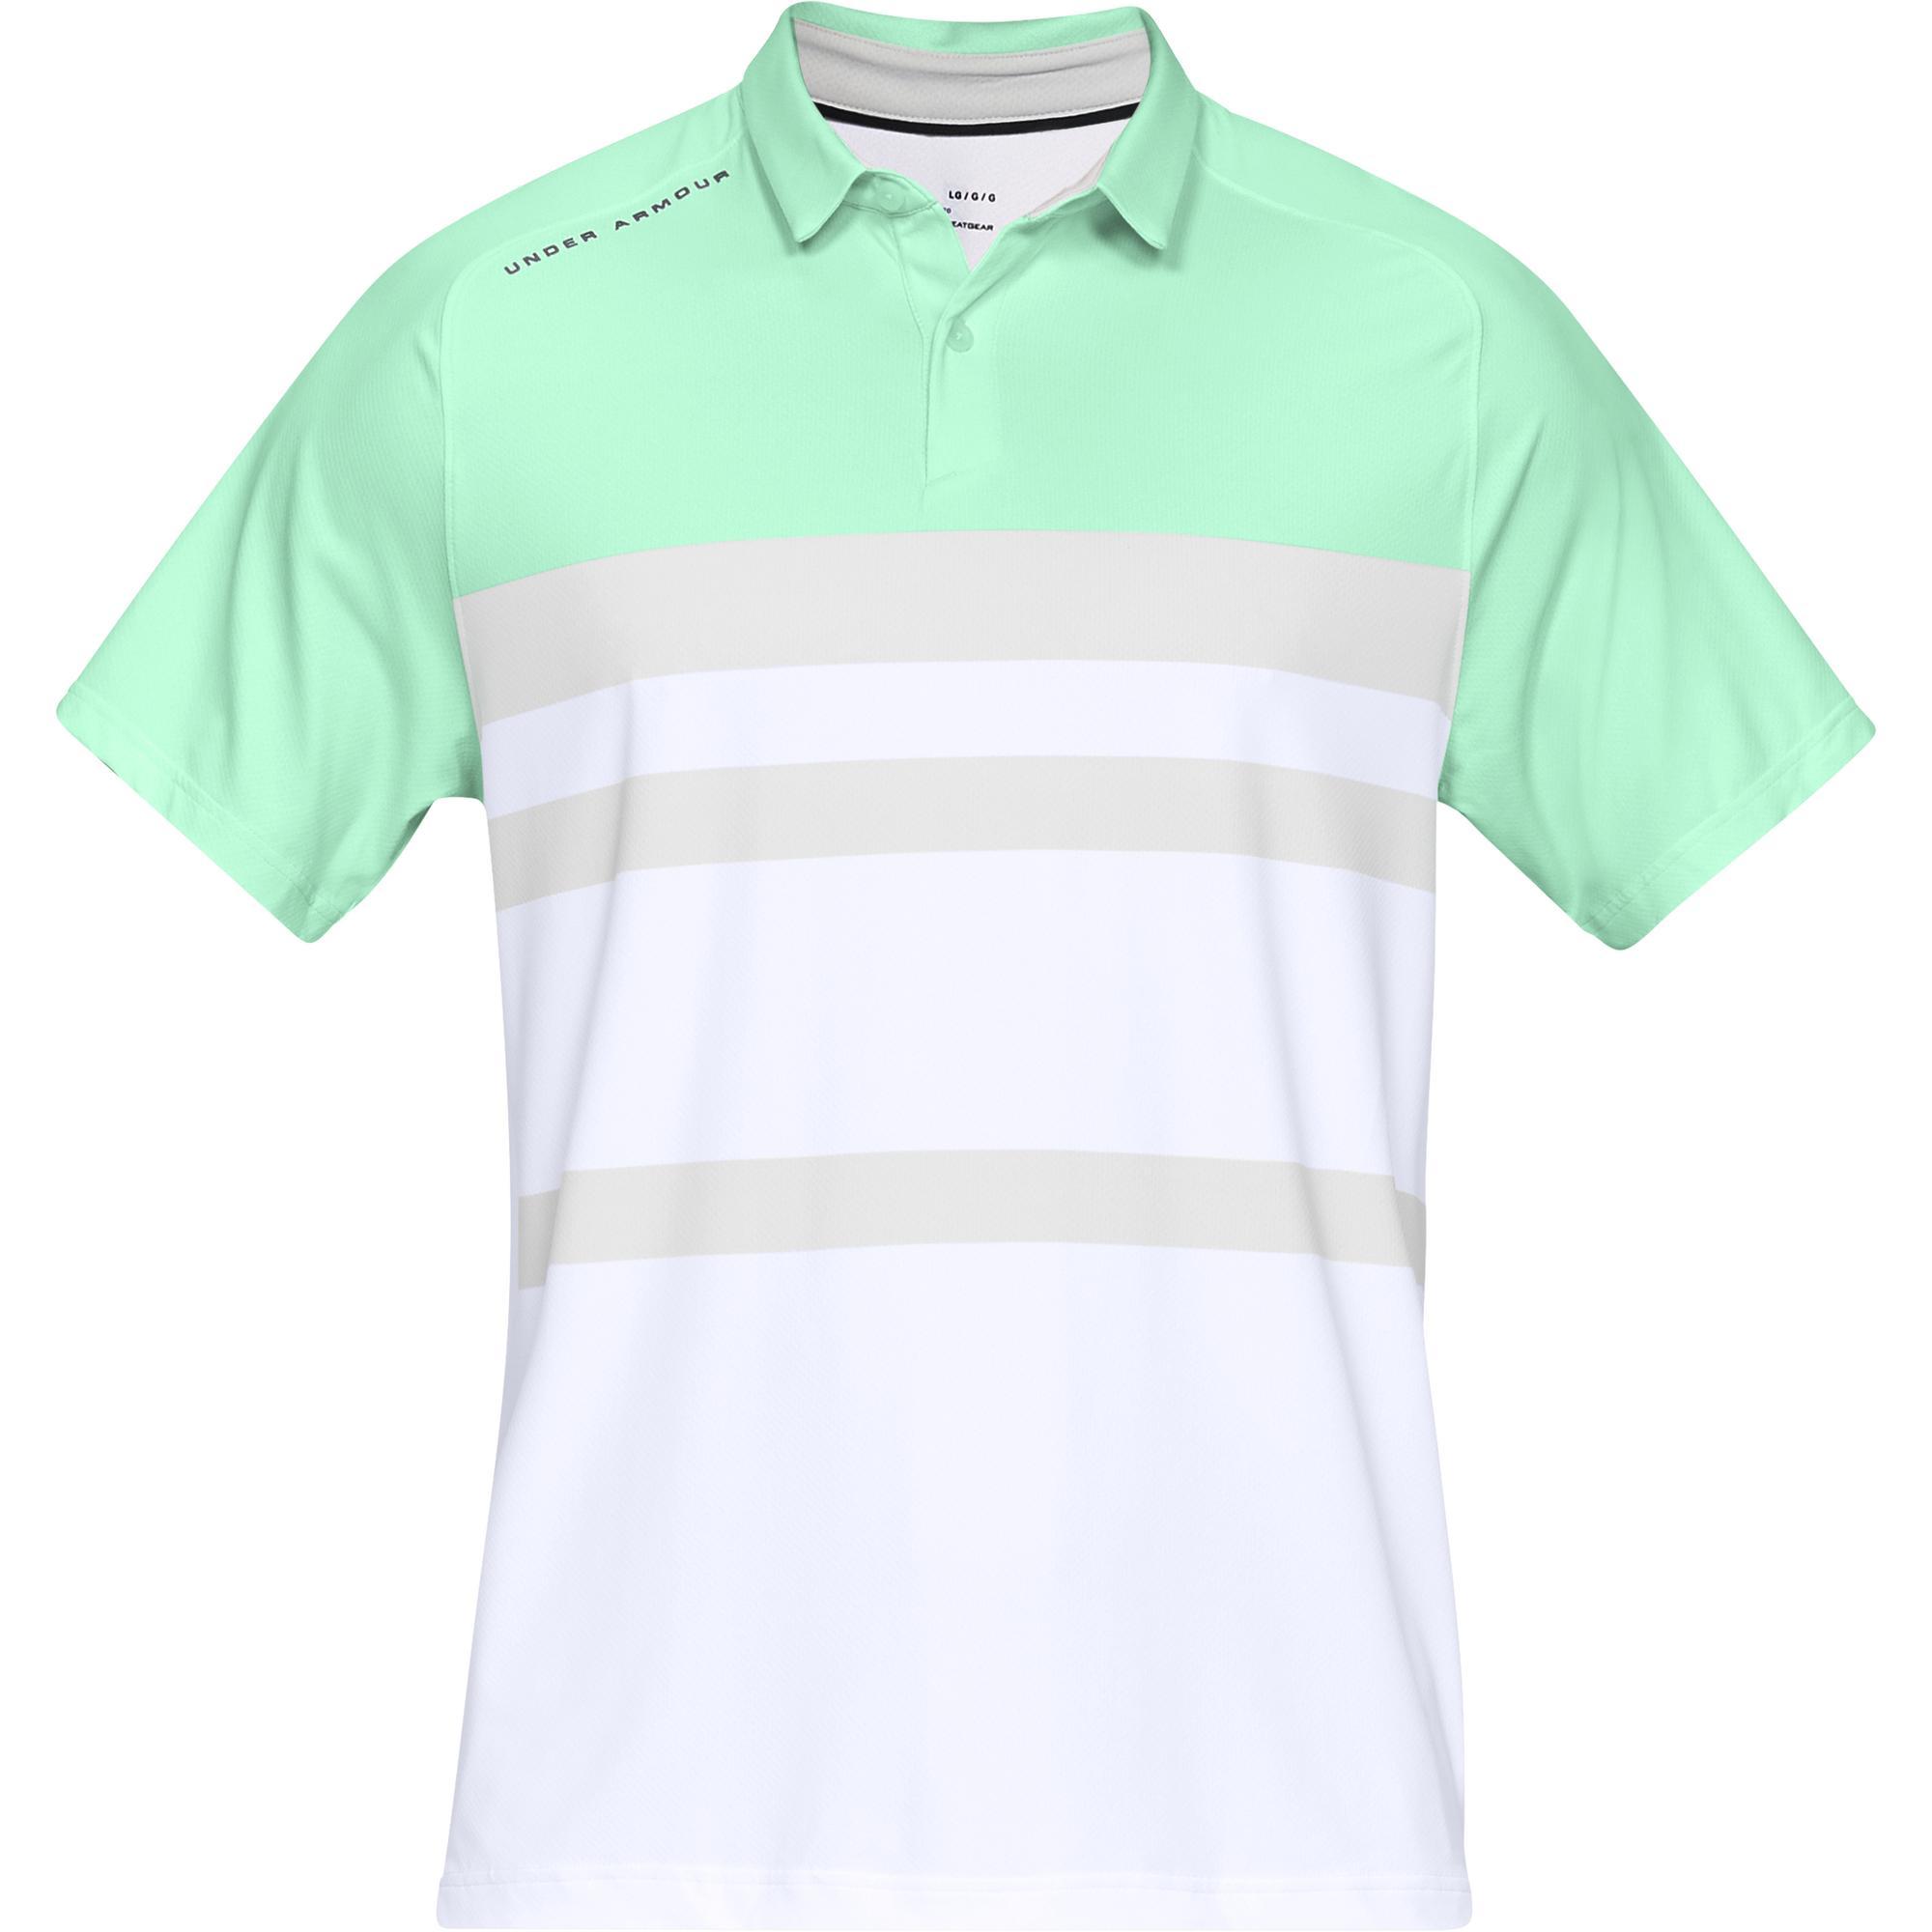 Men's Iso-Chill Block Short Sleeve Shirt